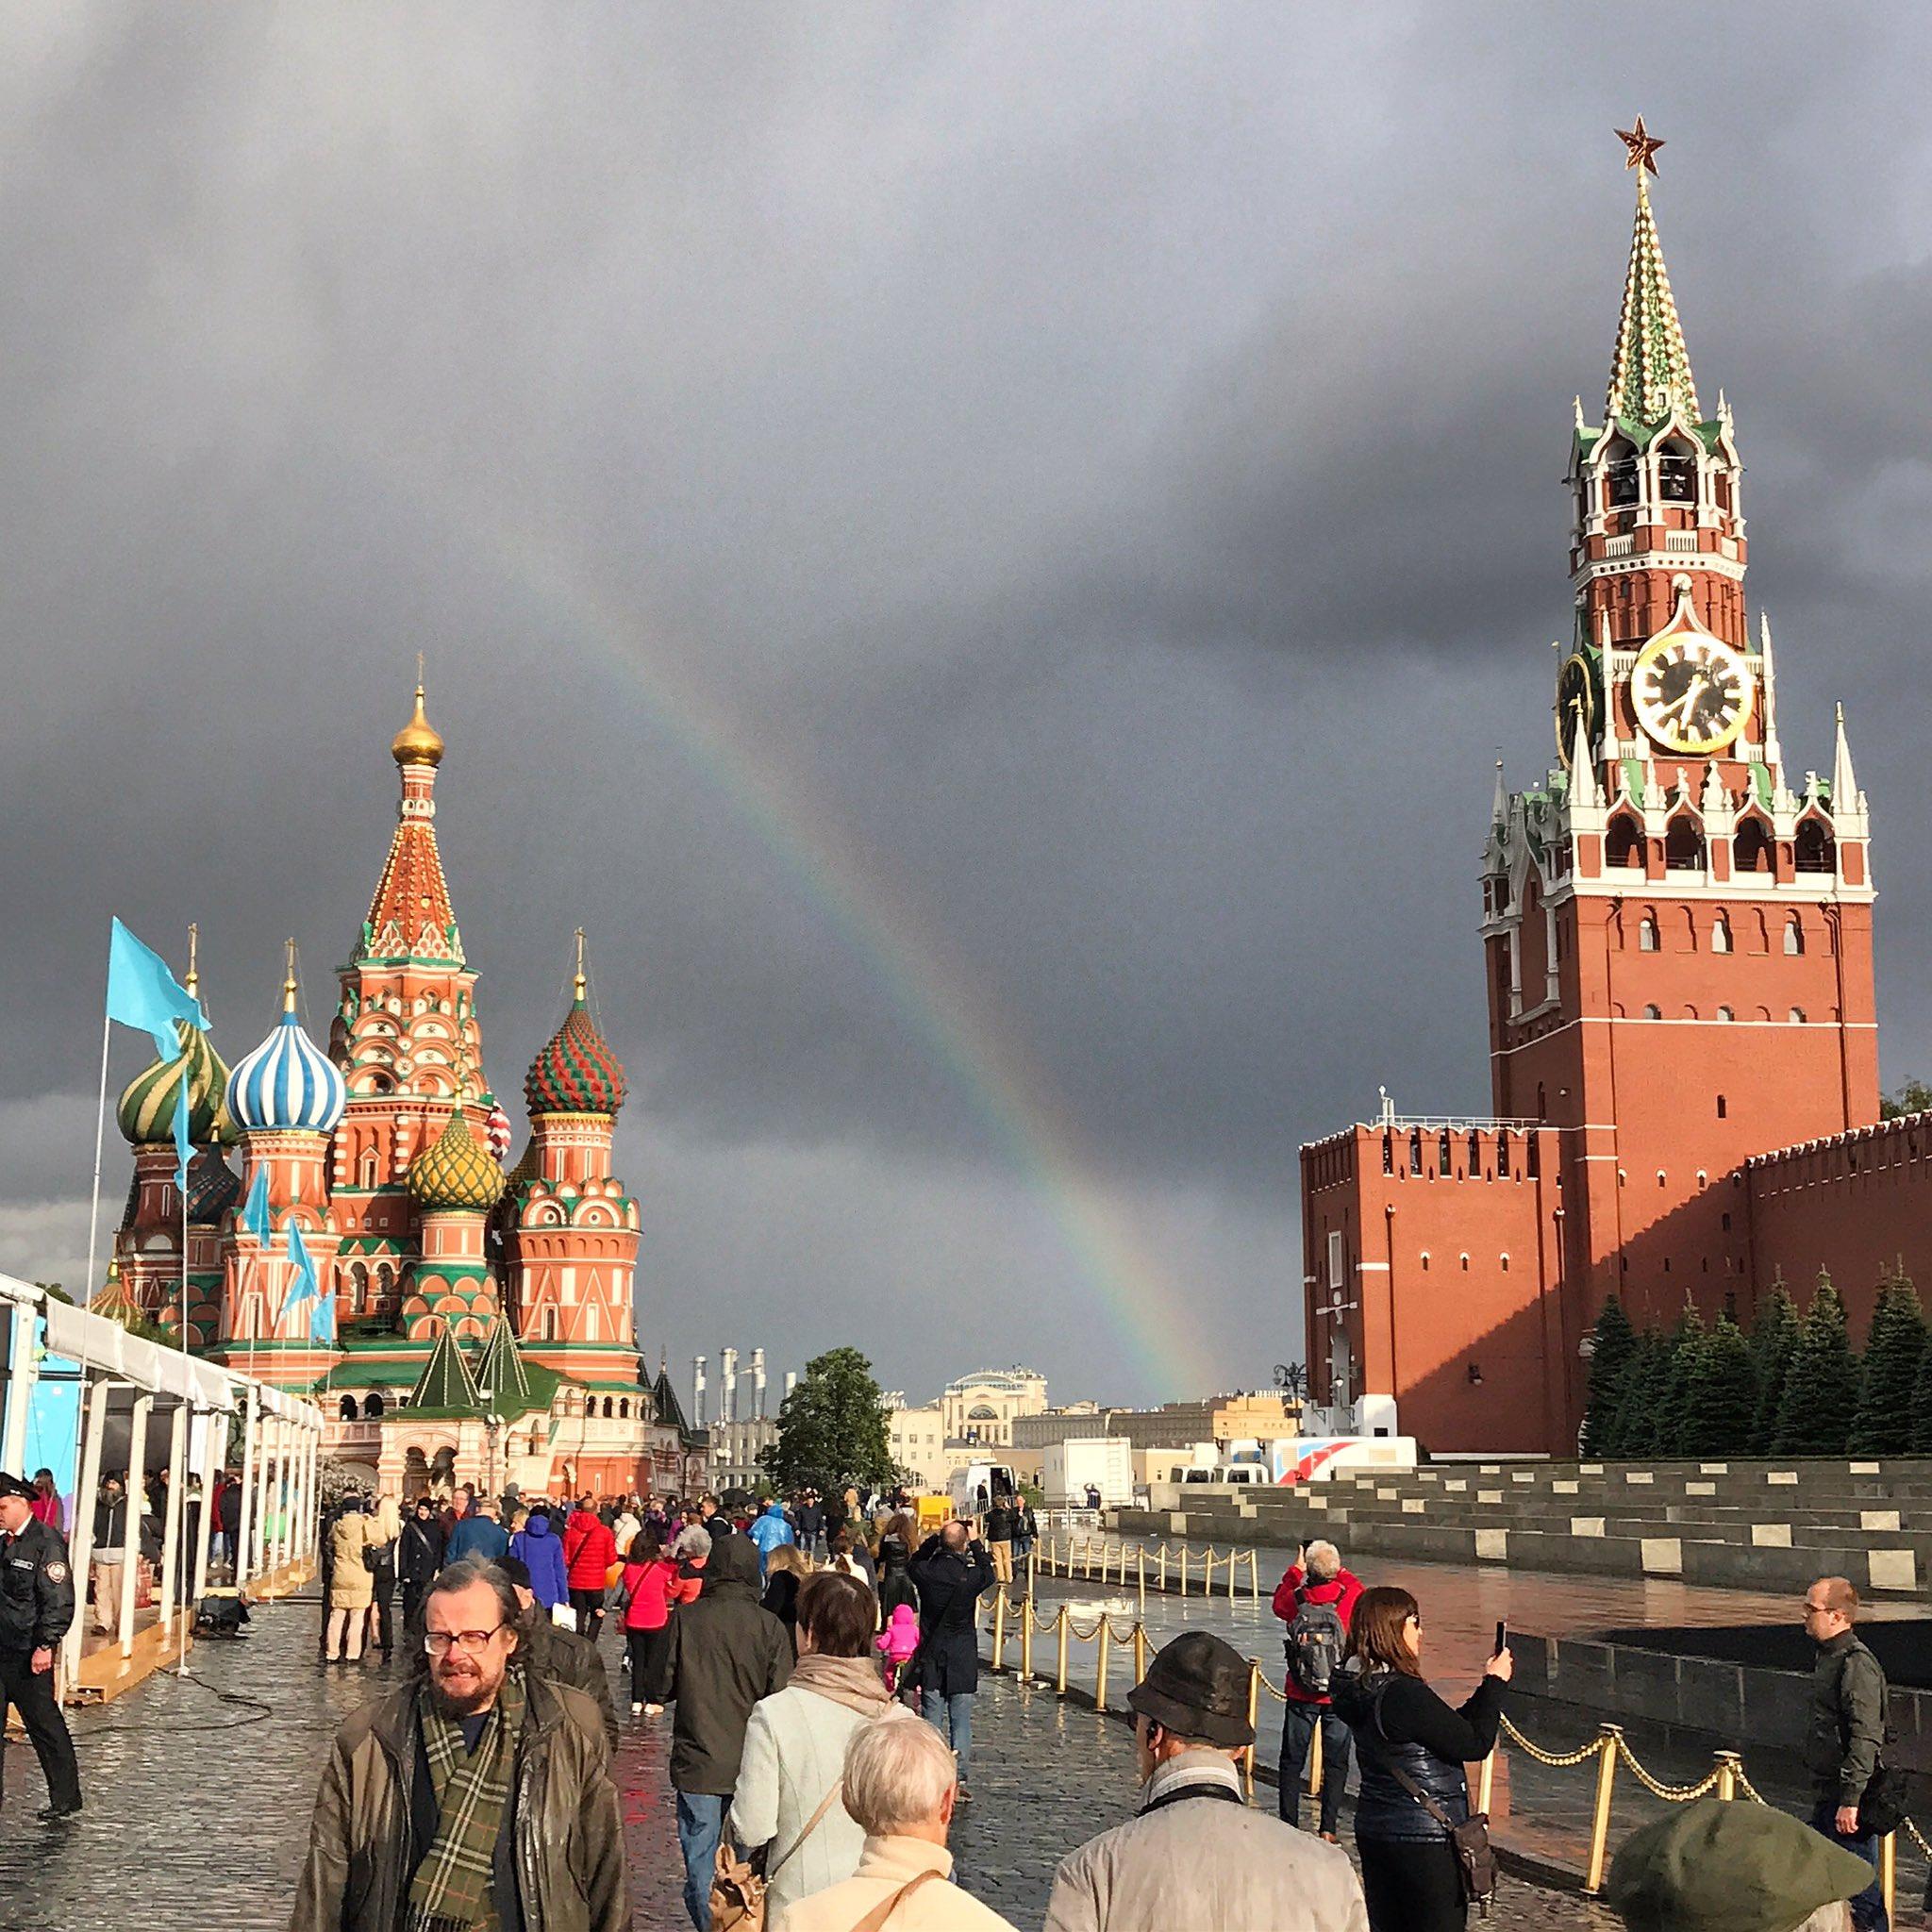 как на фото выглядит москва сегодня ленинградской сделали